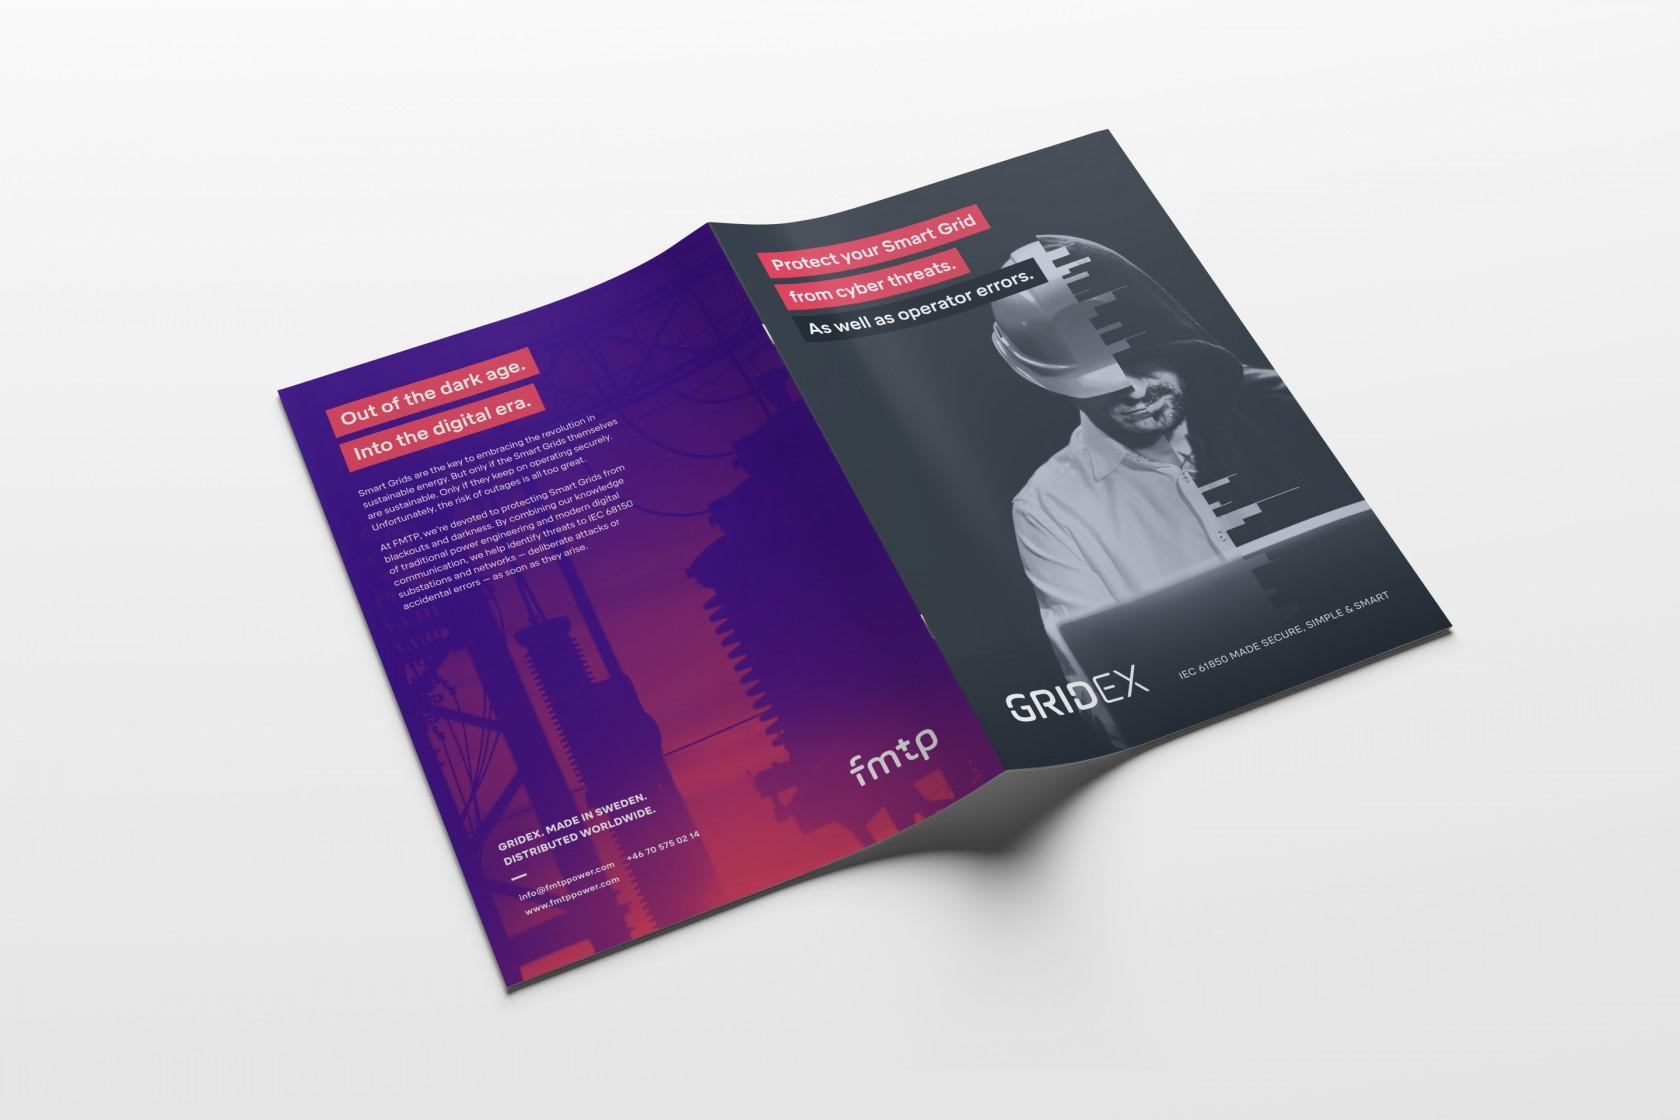 Broschyr till FMTP, ett intressant uppdrag inom design & kommunikation.